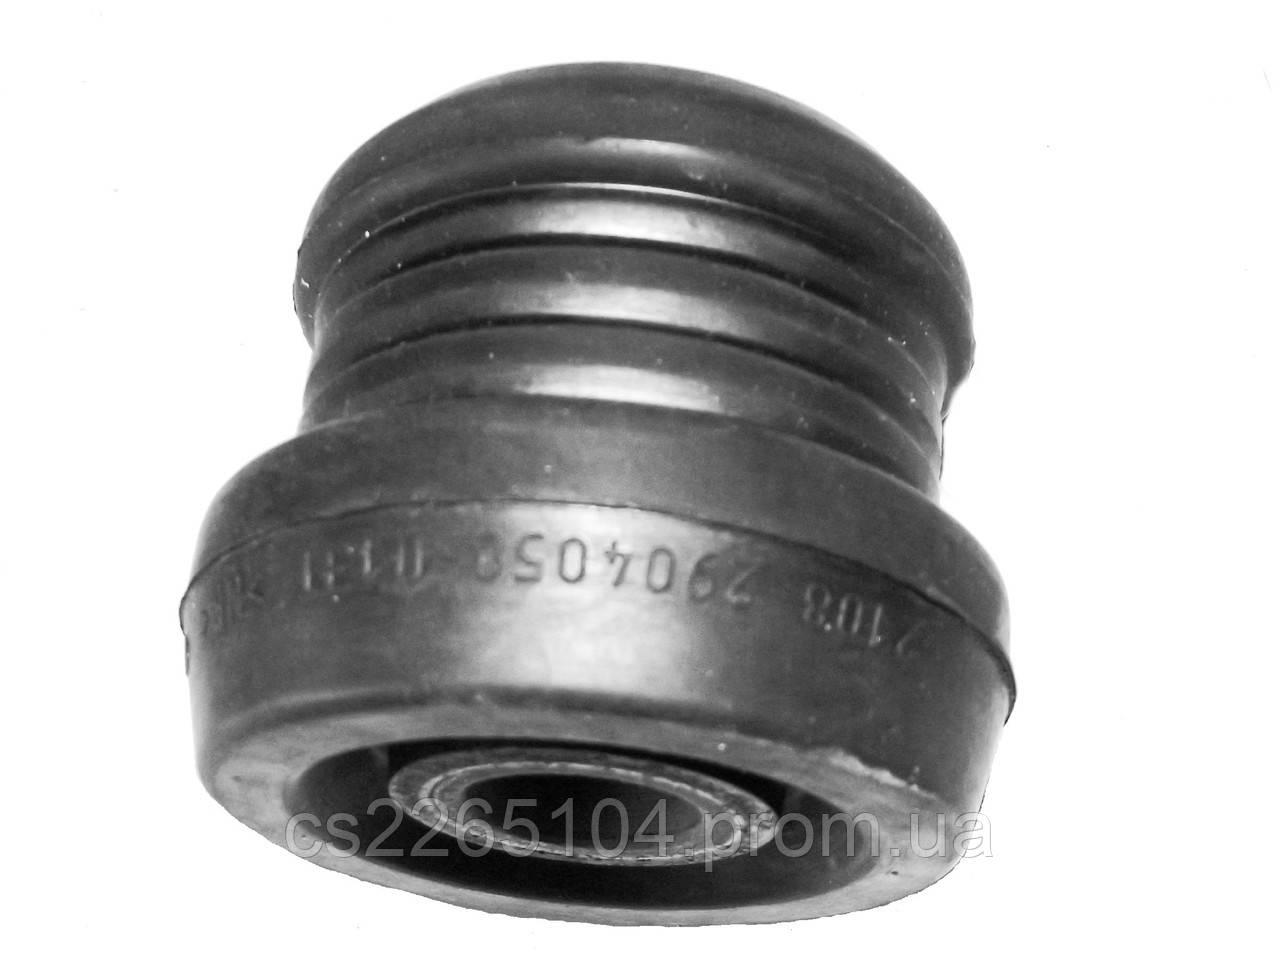 Усиленный сайлентблок кронштейна стабилизатора ВАЗ 2108 СЭВИ